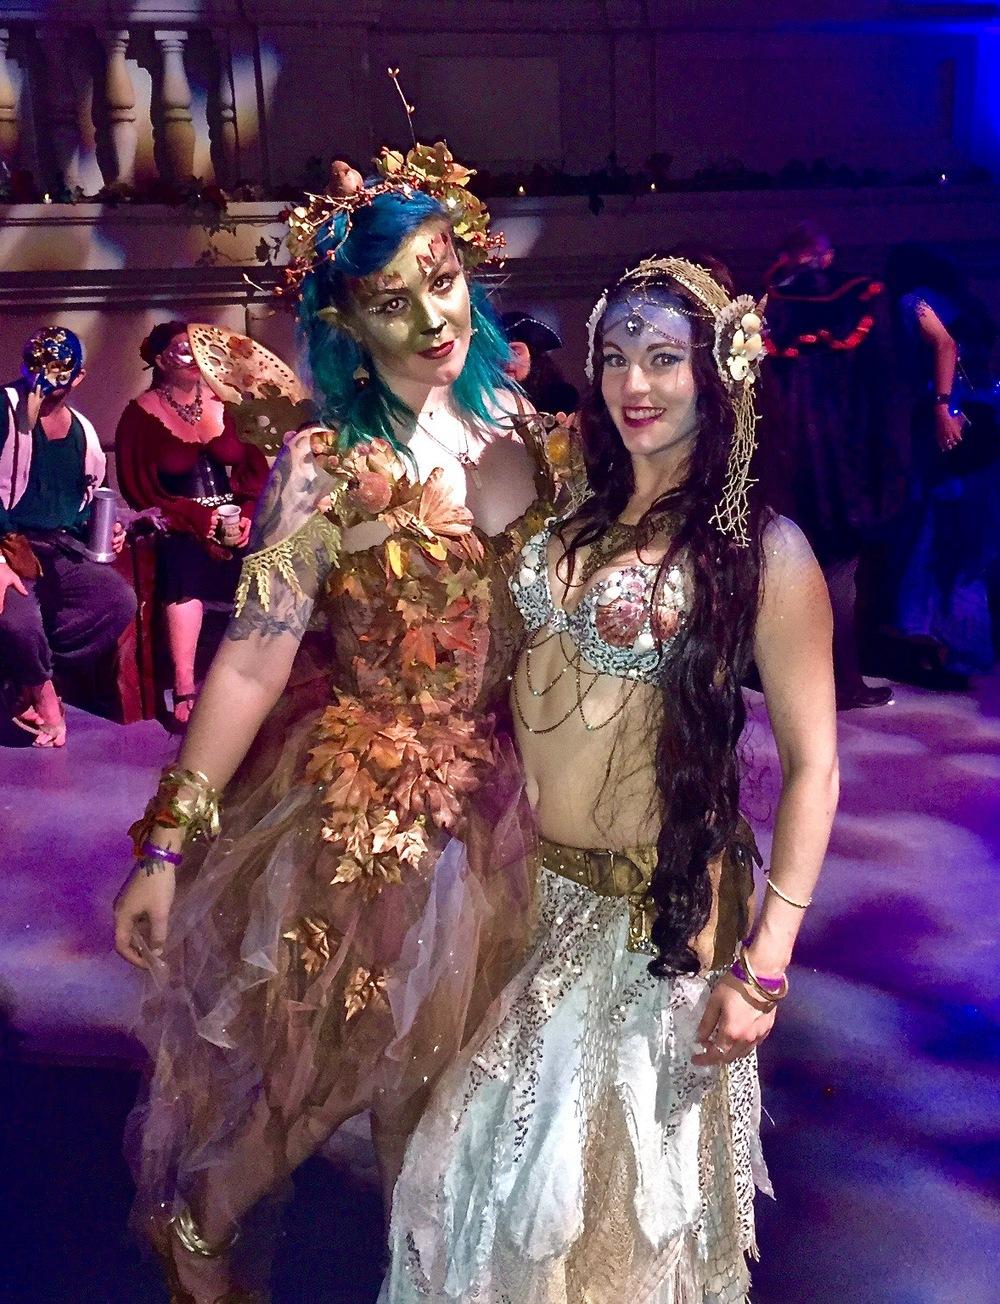 labyrinth-of-jareth-costumes-mermaid-fairy-handmade